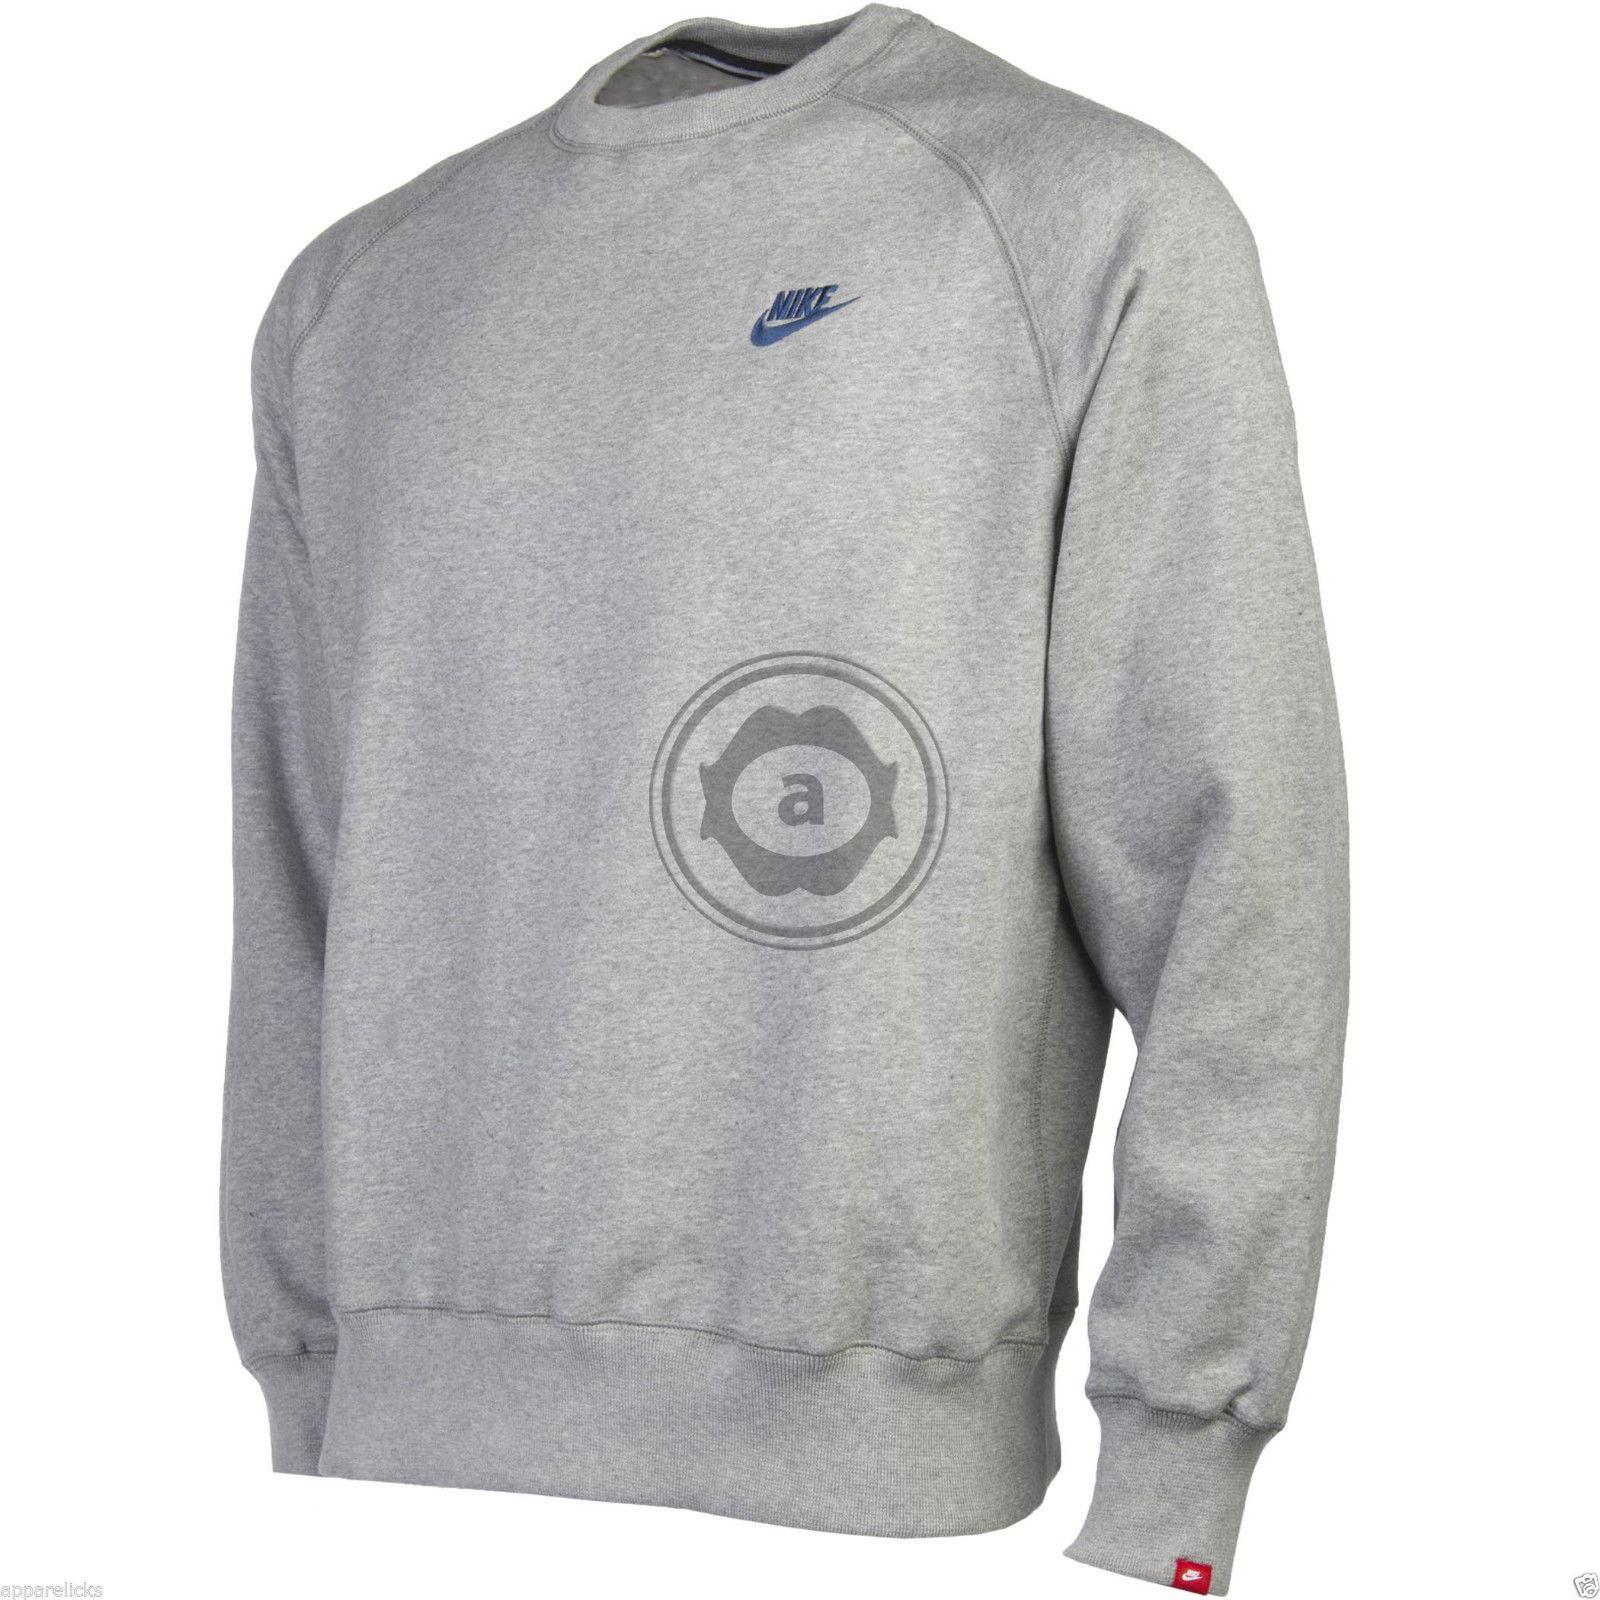 Mens Nike Fleece Lined Sweater Jumper Sweatshirt - Grey & Navy Blue